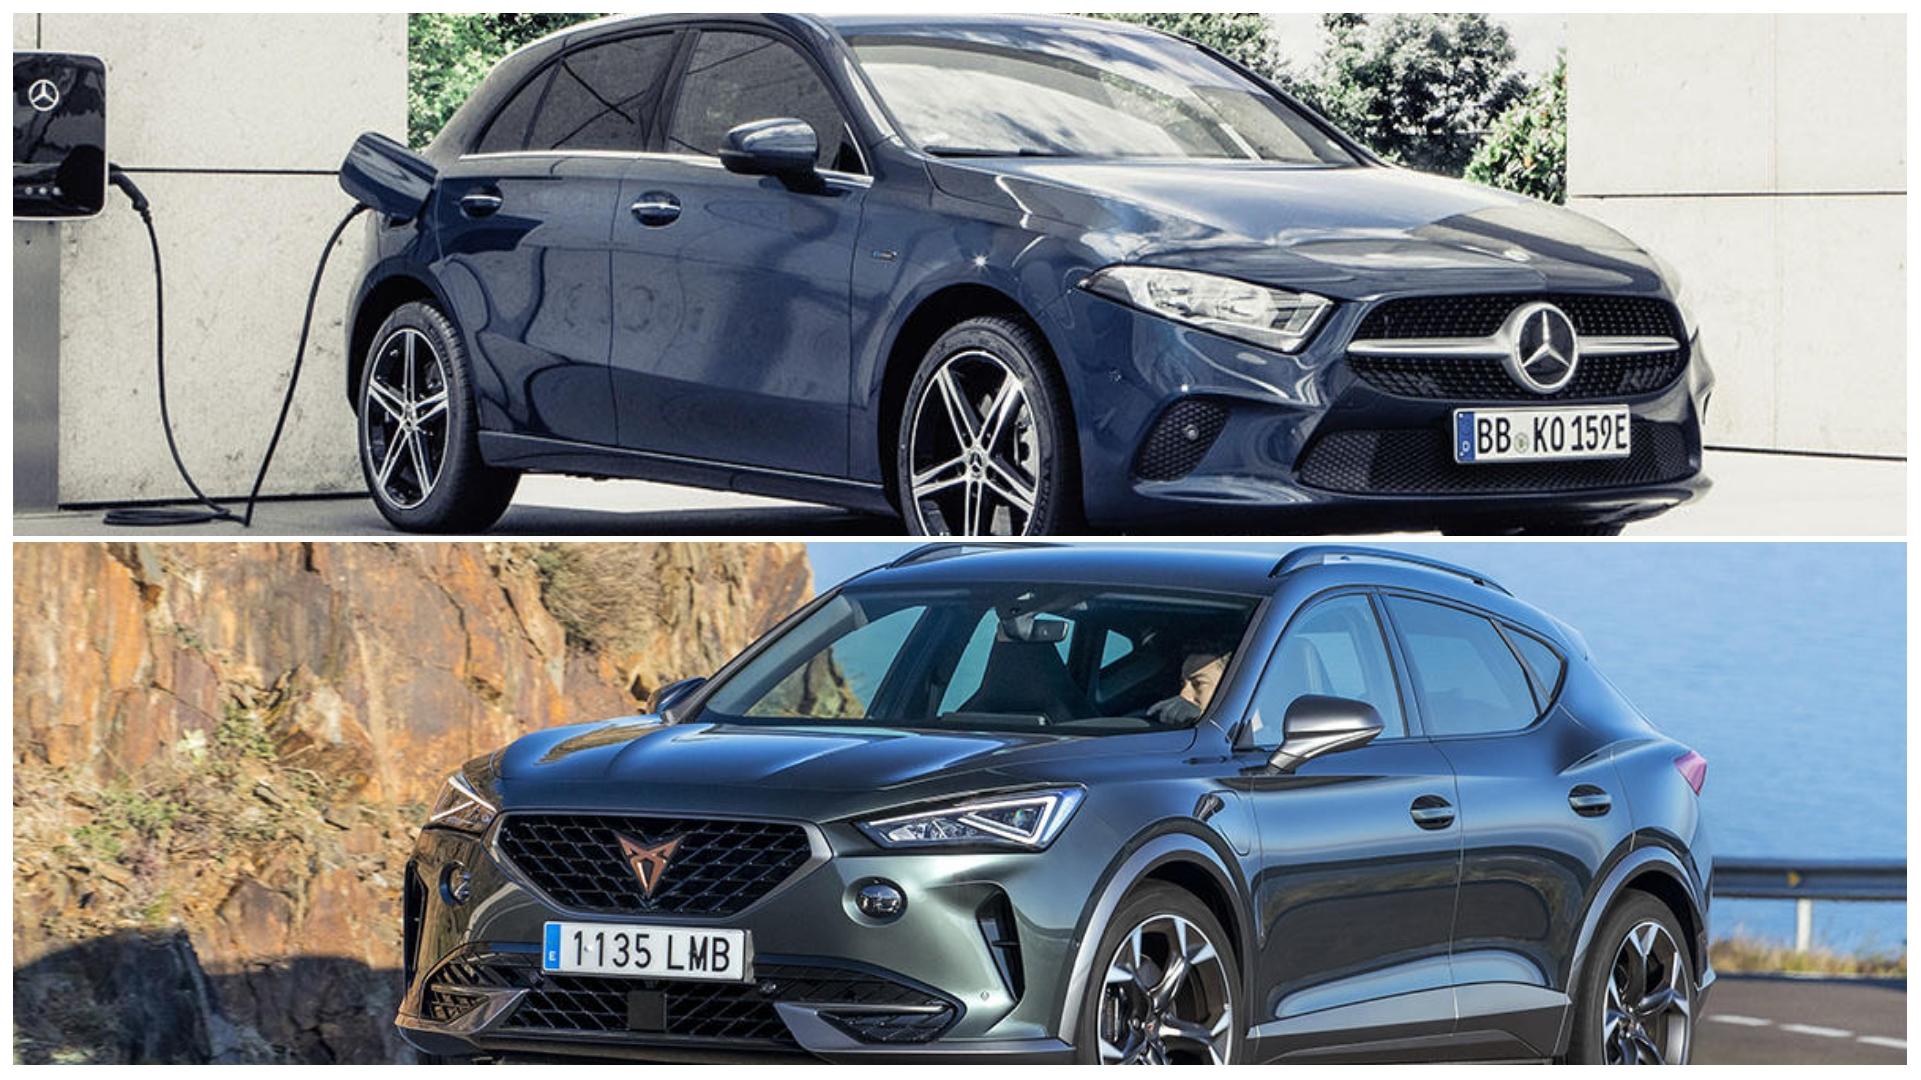 Qué coche híbrido enchufable compro, ¿un Mercedes A 250 e AMG o un Cupra Formentor?